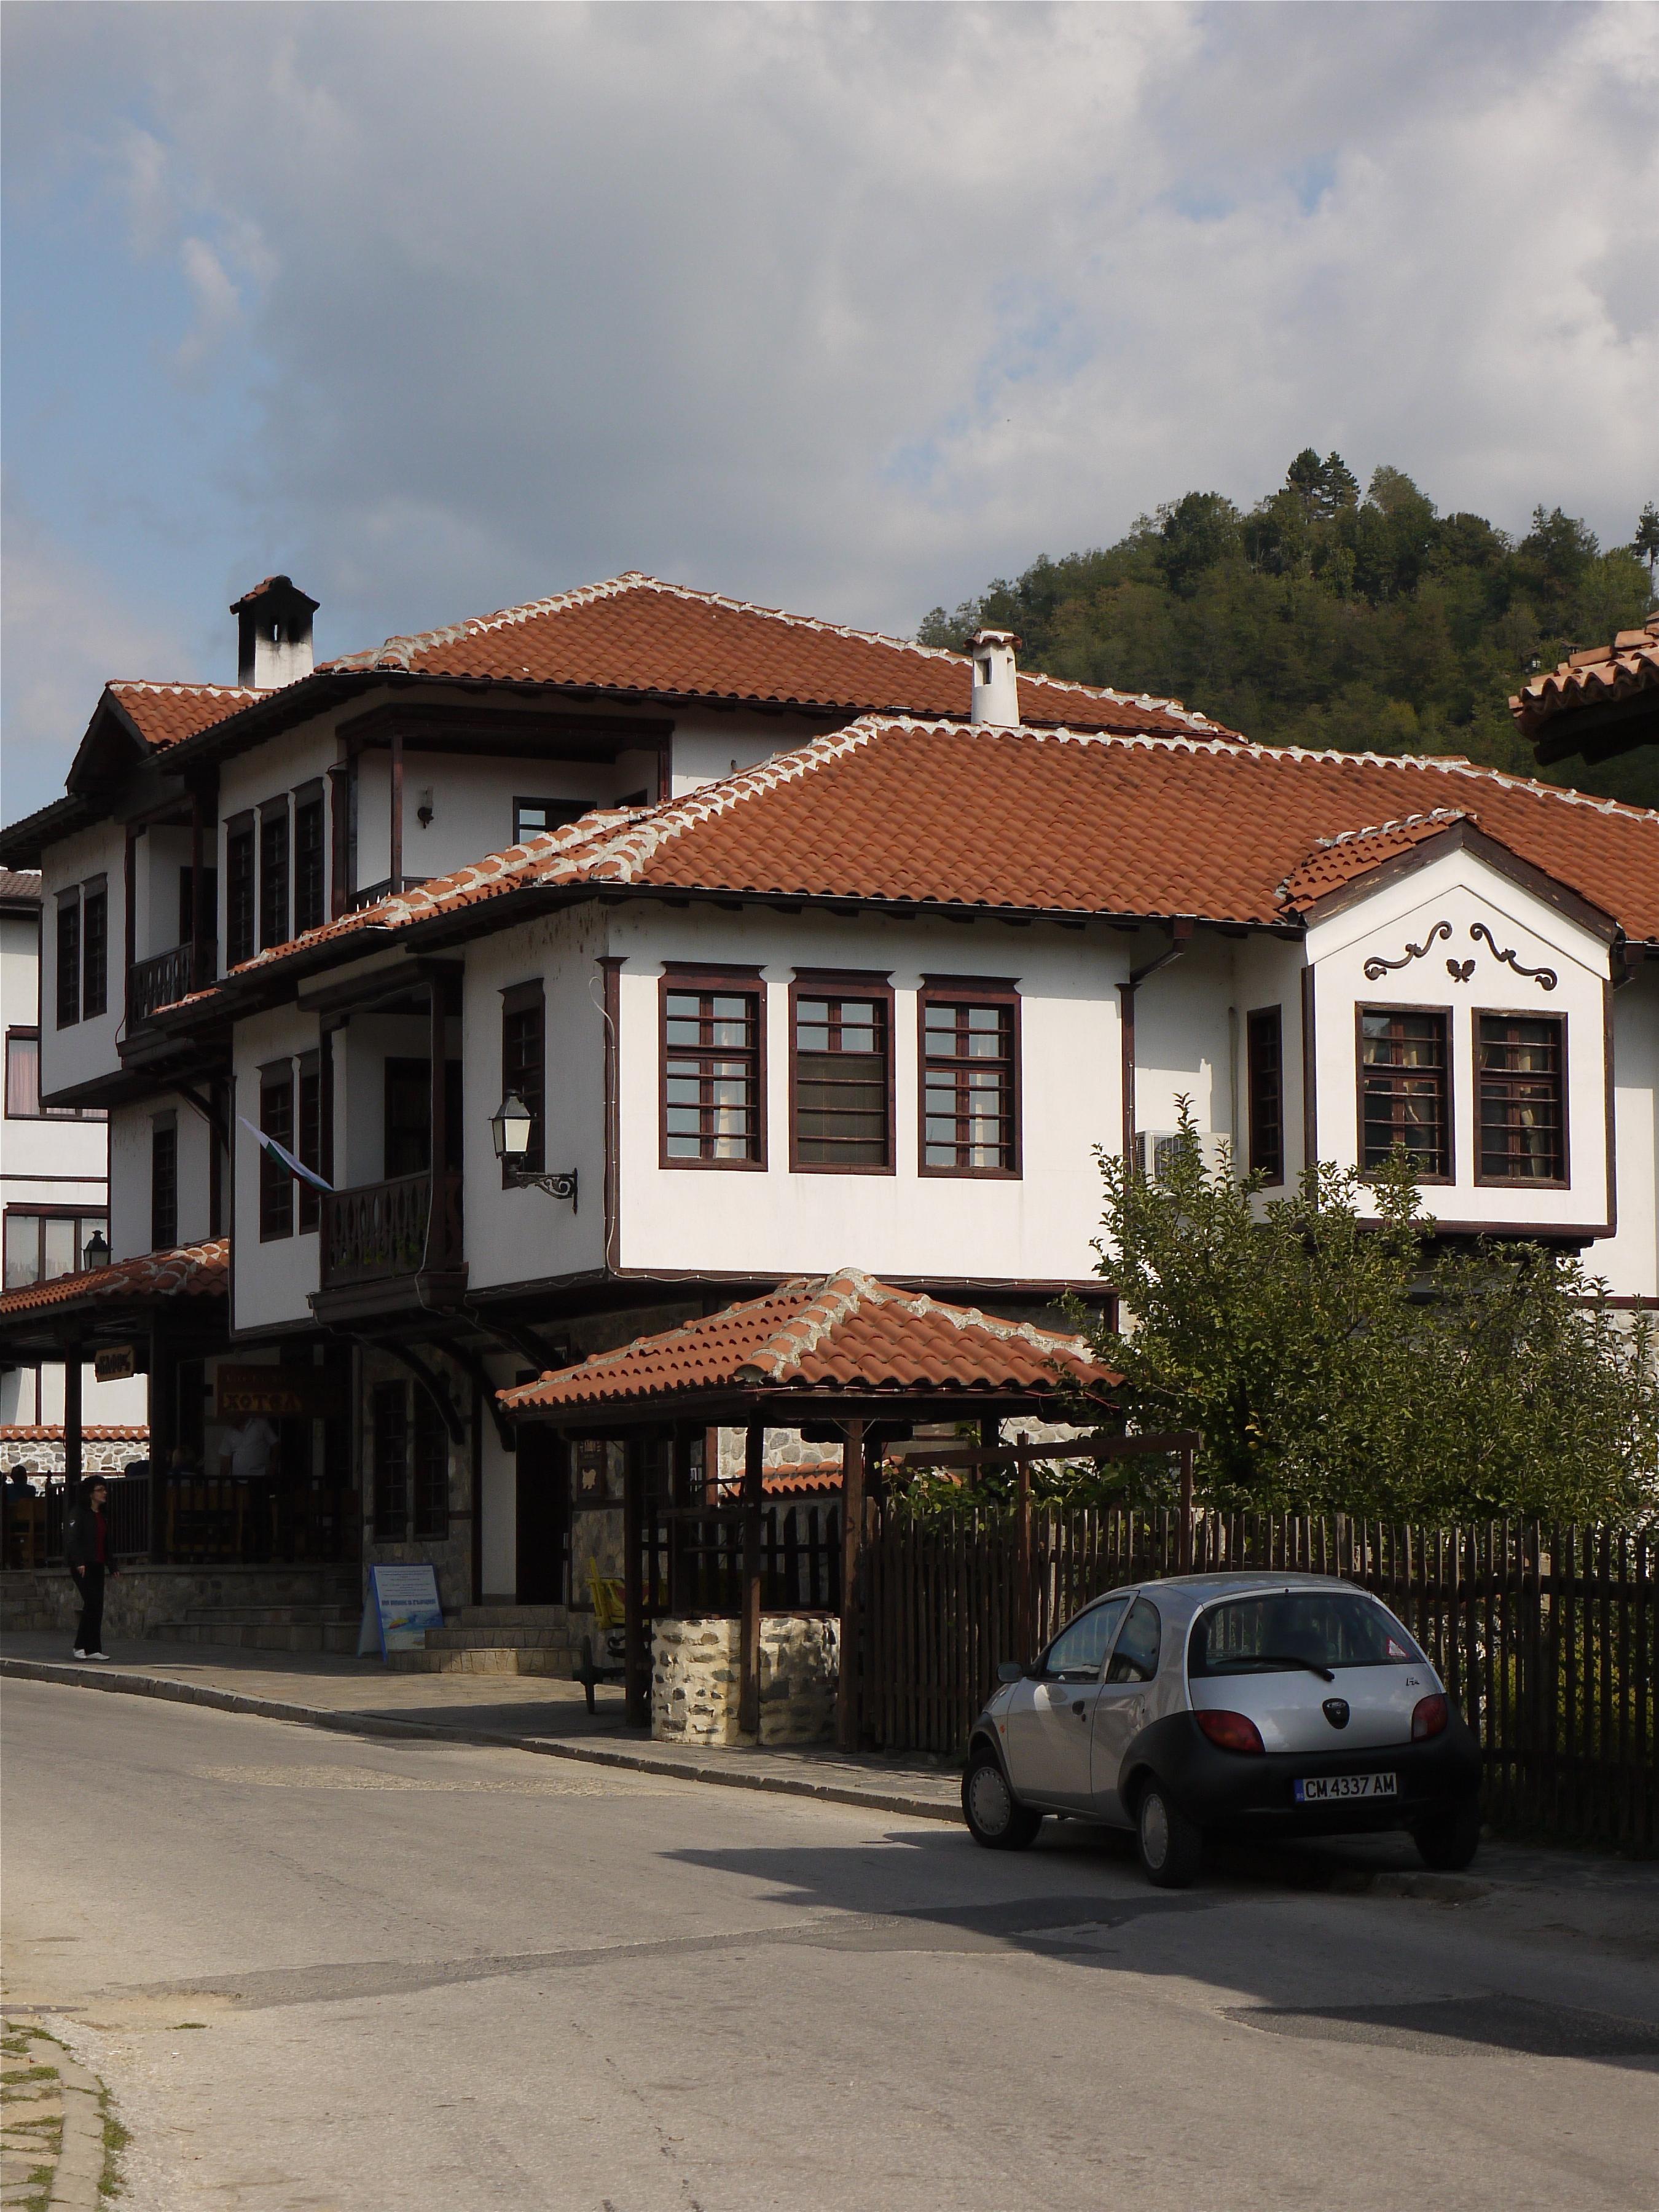 Bulgaria Lisa Lindblad Travel Design